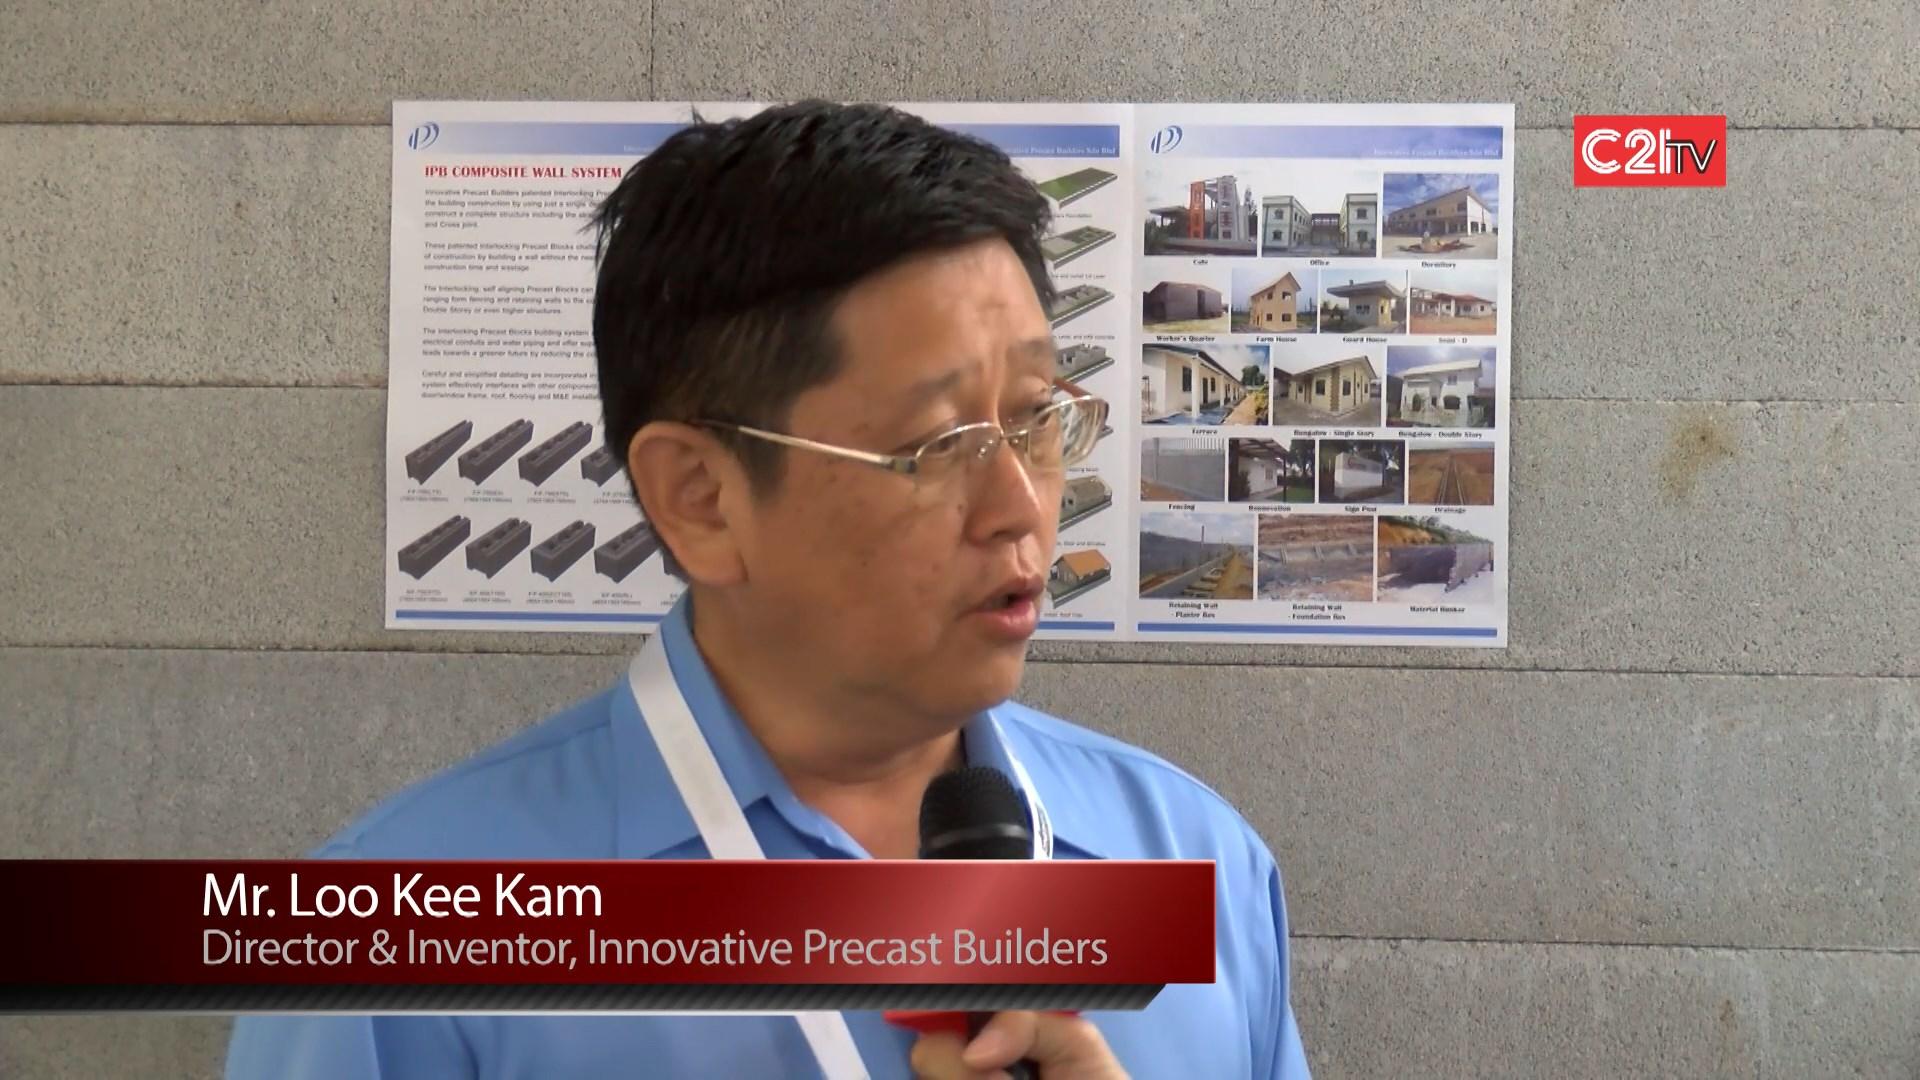 INNOVATIVE PRECAST BUILDERS